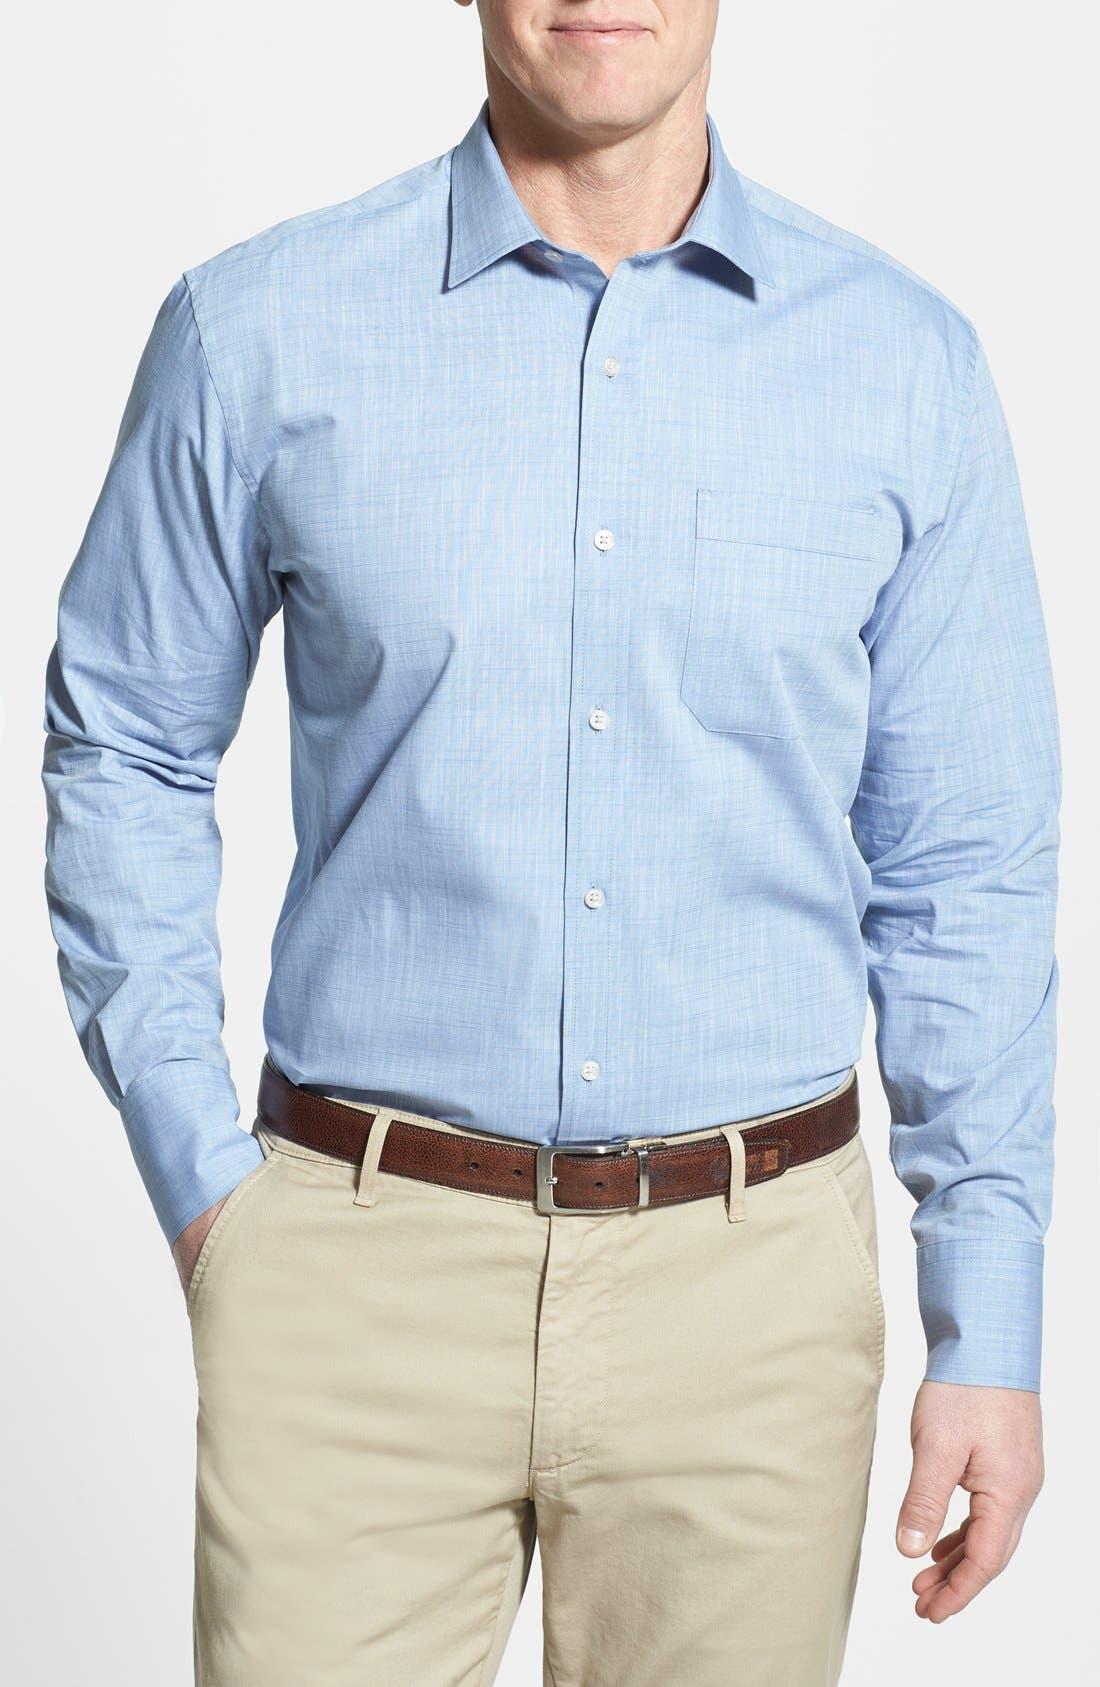 Main Image - Cutter & Buck 'Meadows' Oxford Sport Shirt (Big & Tall)